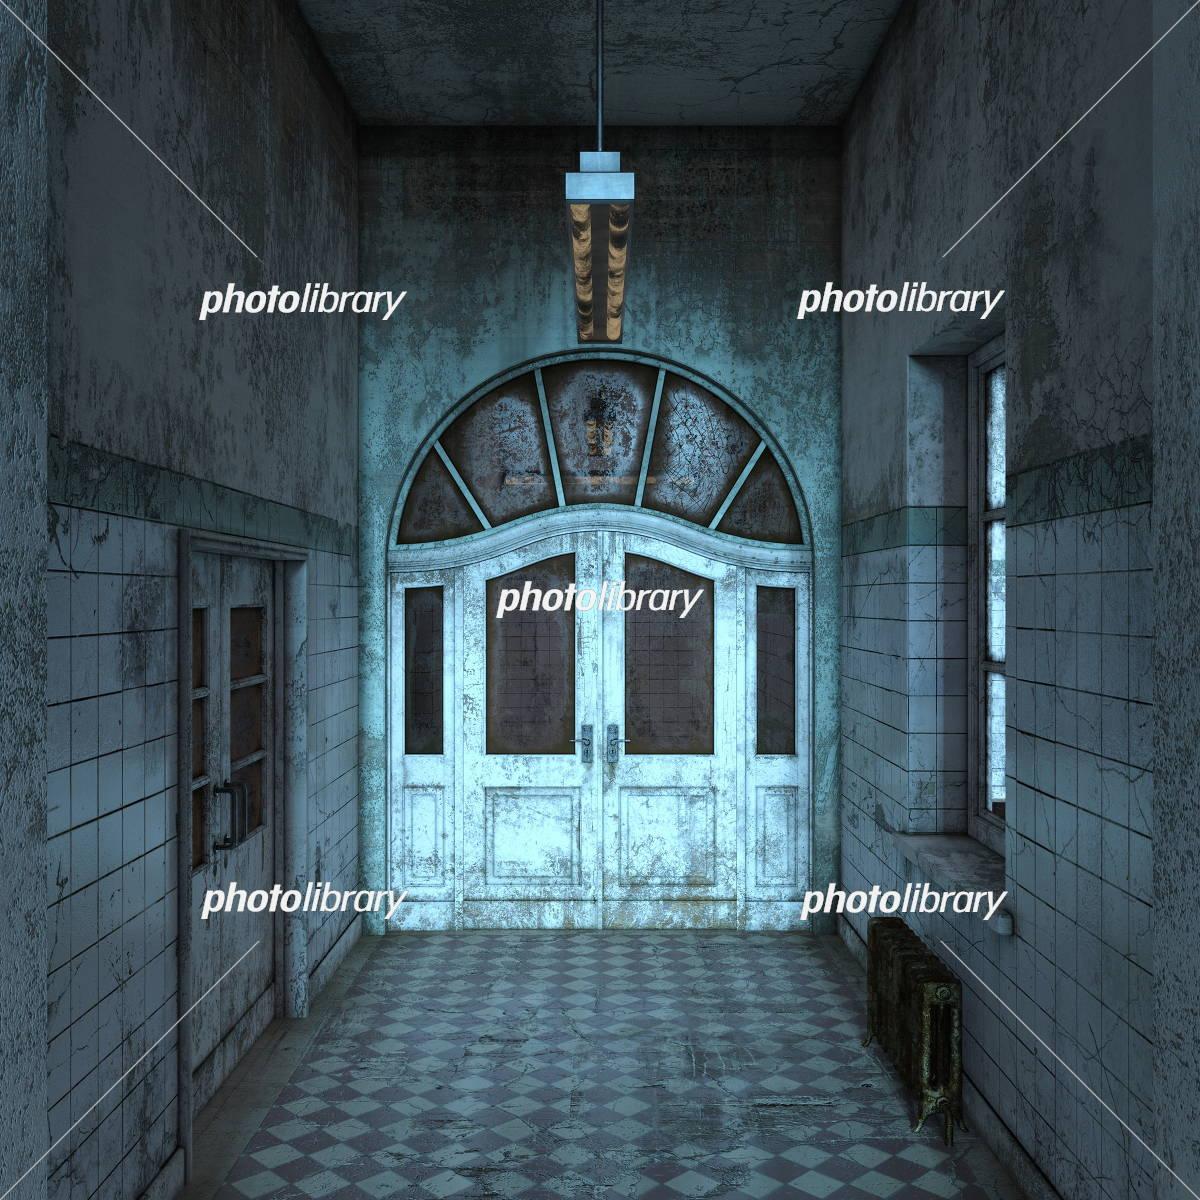 廃墟のイラストcg イラスト素材 [ 5409455 ] - フォトライブラリー